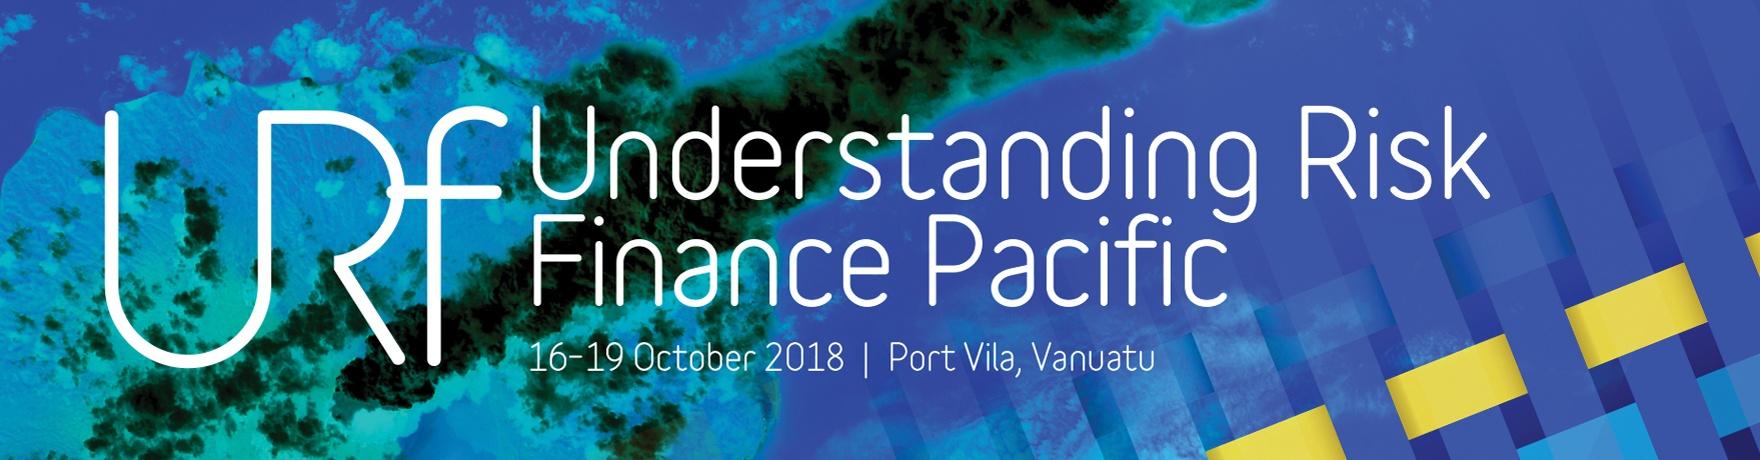 Understanding Risk Finance Pacific forum